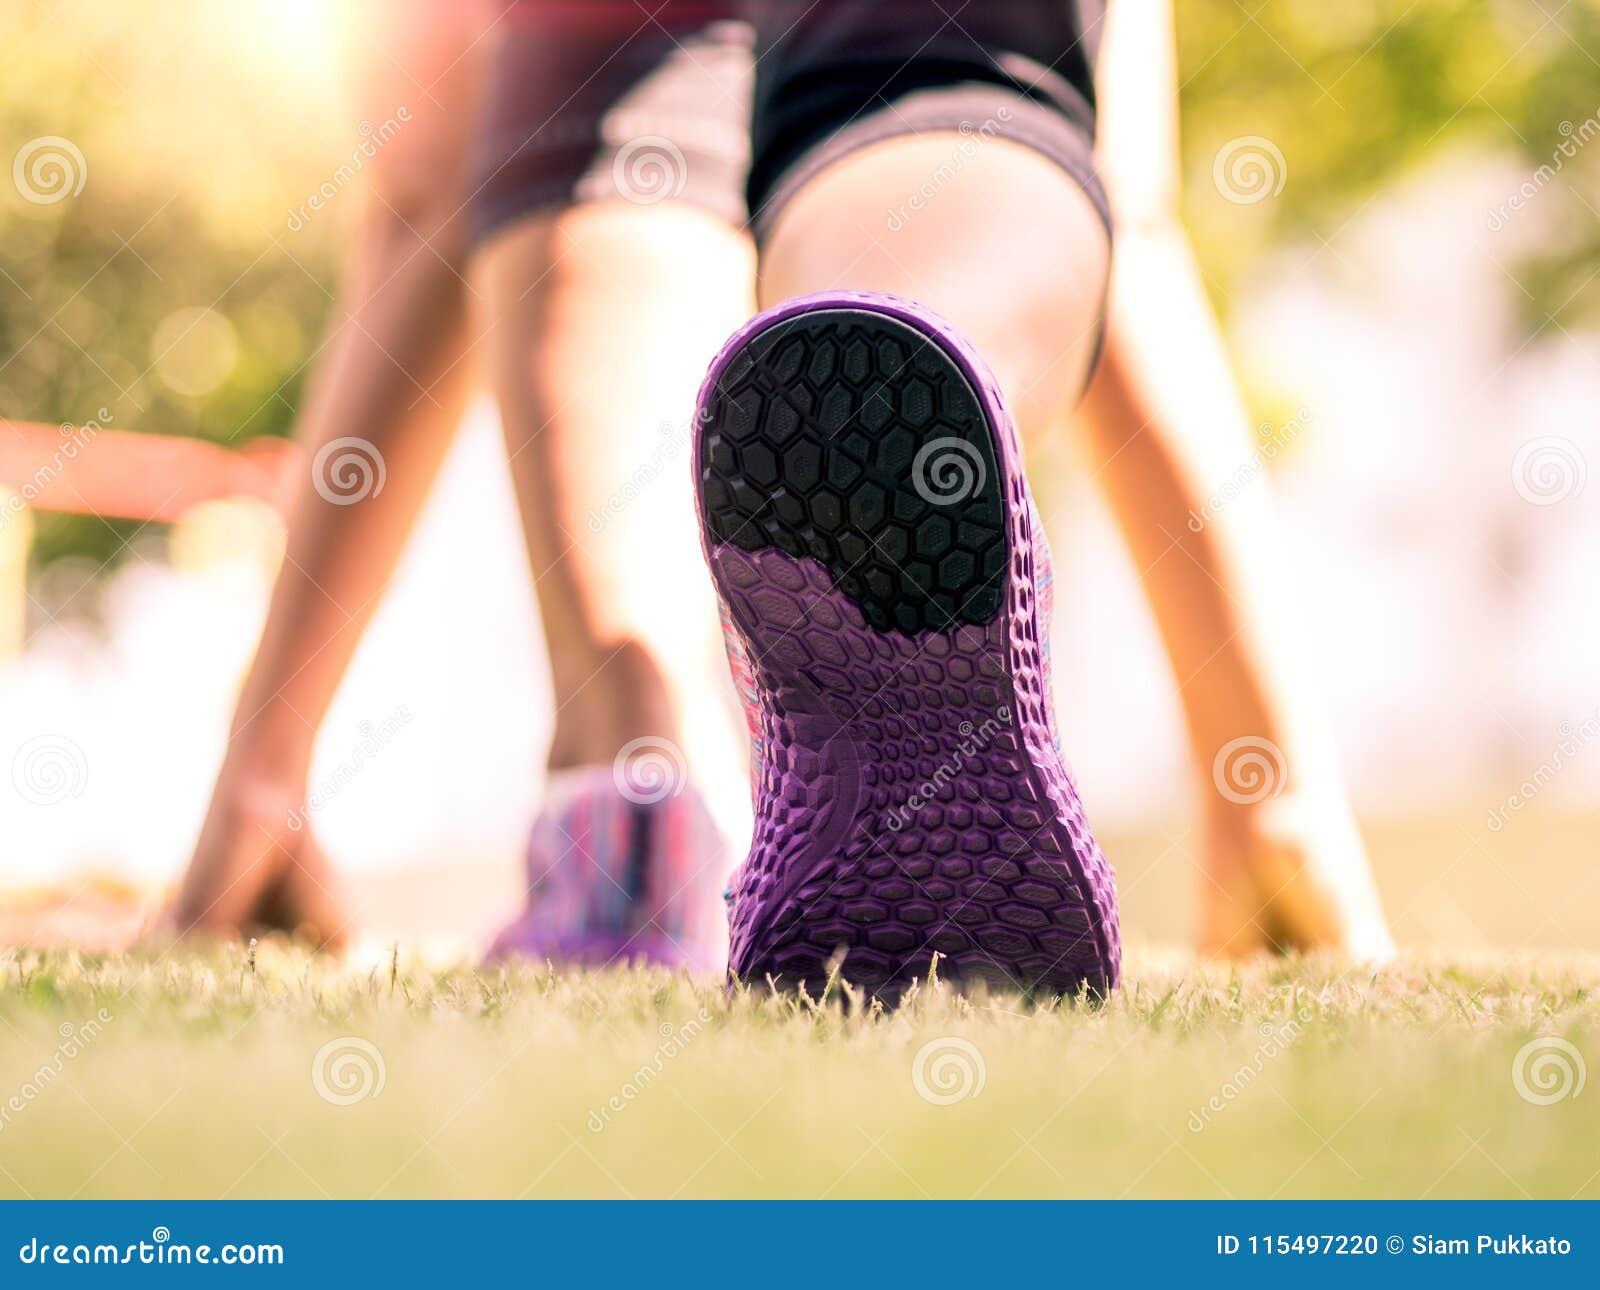 Klaar Regelmatig gaat Close-up van loopschoenen op gras, jonge dame op beginpositie en het gaan in park lopen